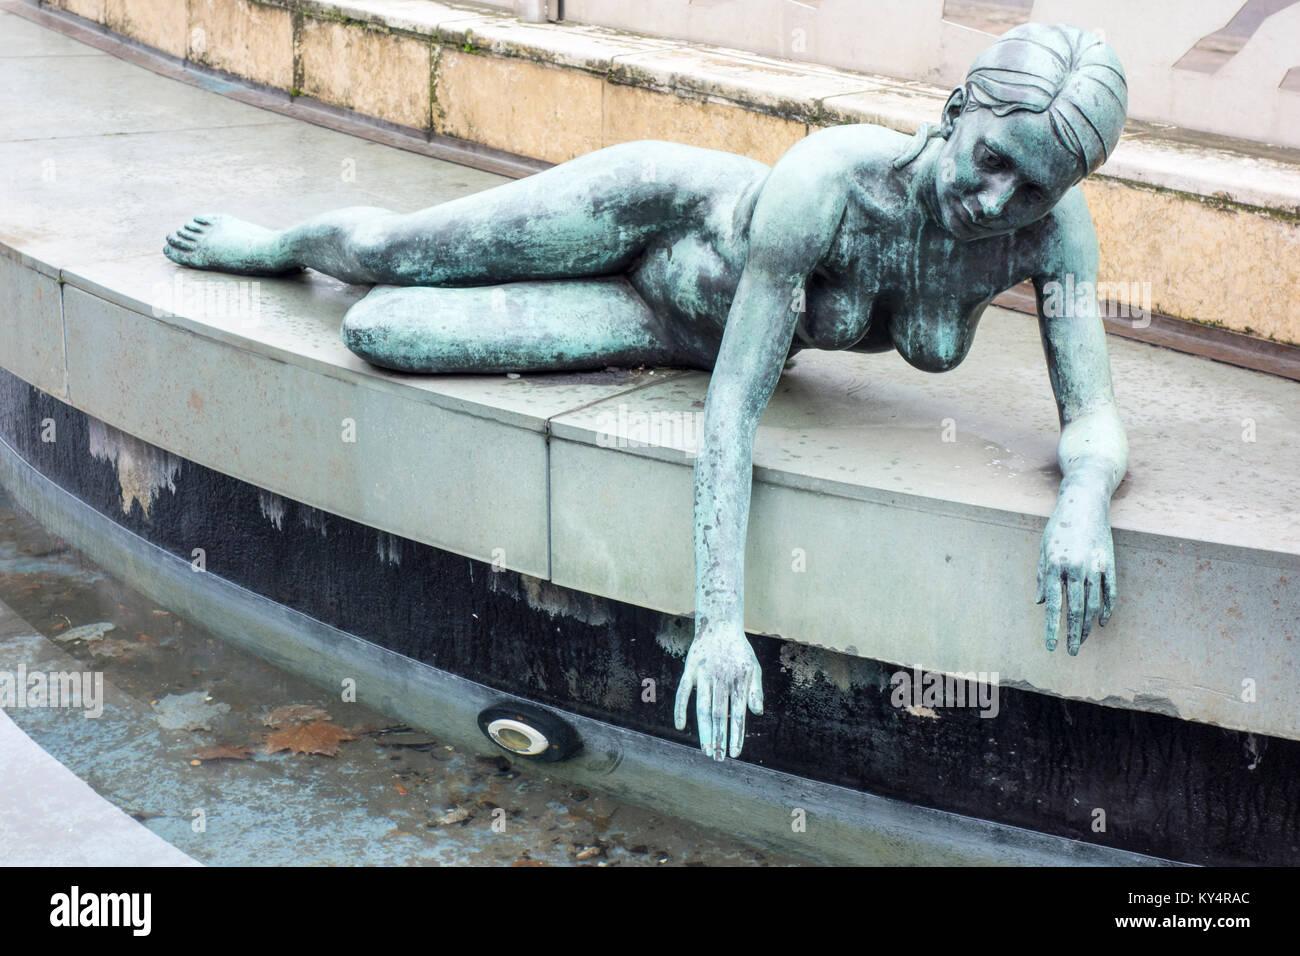 Hebe, Goddess of Youth, sculpture by Robert Thomas 1966, James Watt Queensway, Birmingham, UK - Stock Image